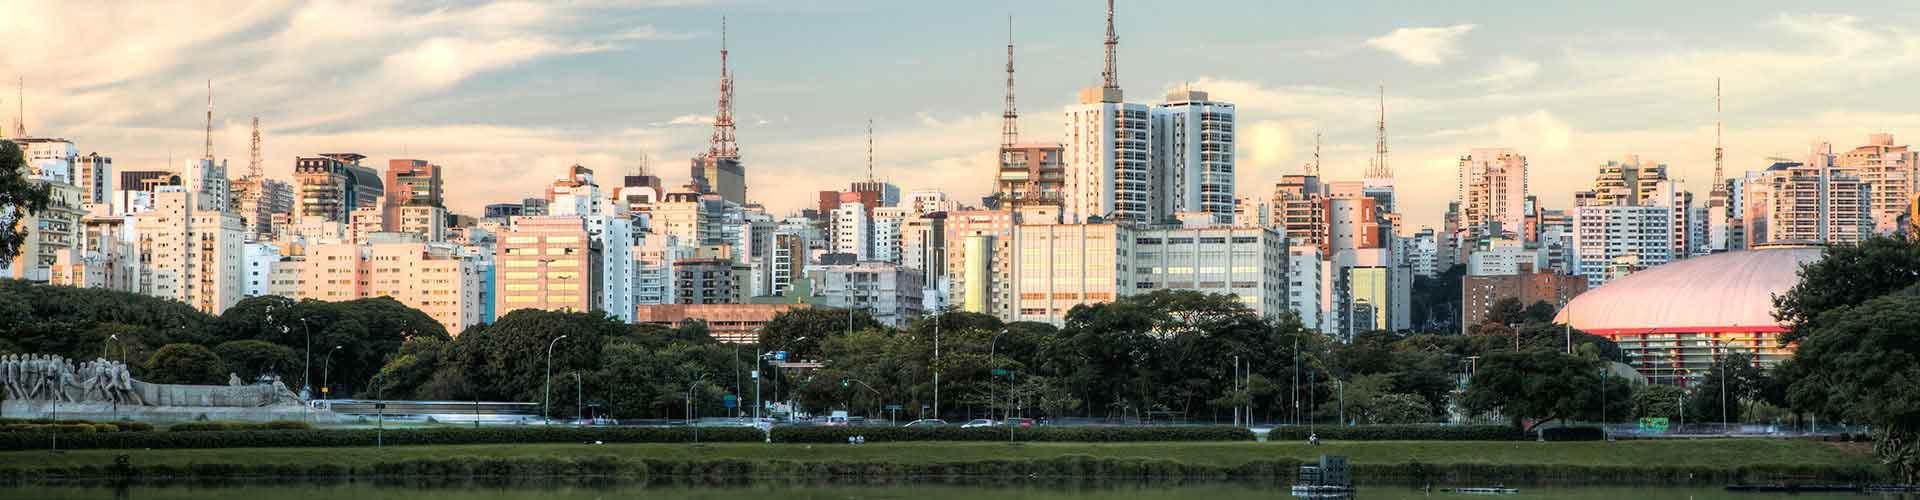 Sao Paulo - Hôtels à Sao Paulo. Cartes pour Sao Paulo, photos et commentaires pour chaque hôtel à Sao Paulo.